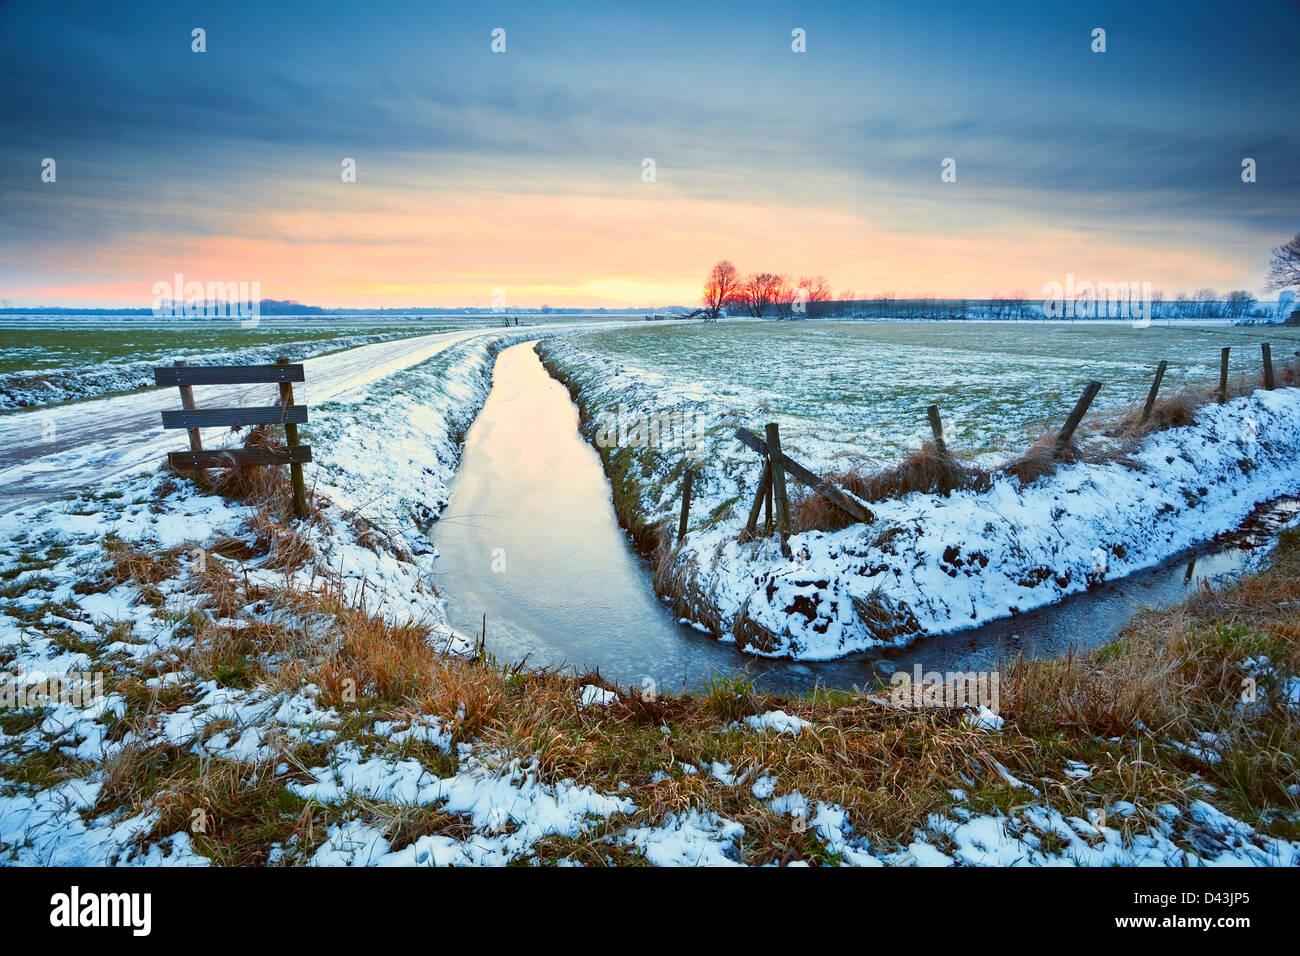 Drammatico tramonto sul fiume congelato in terreni agricoli olandese Immagini Stock